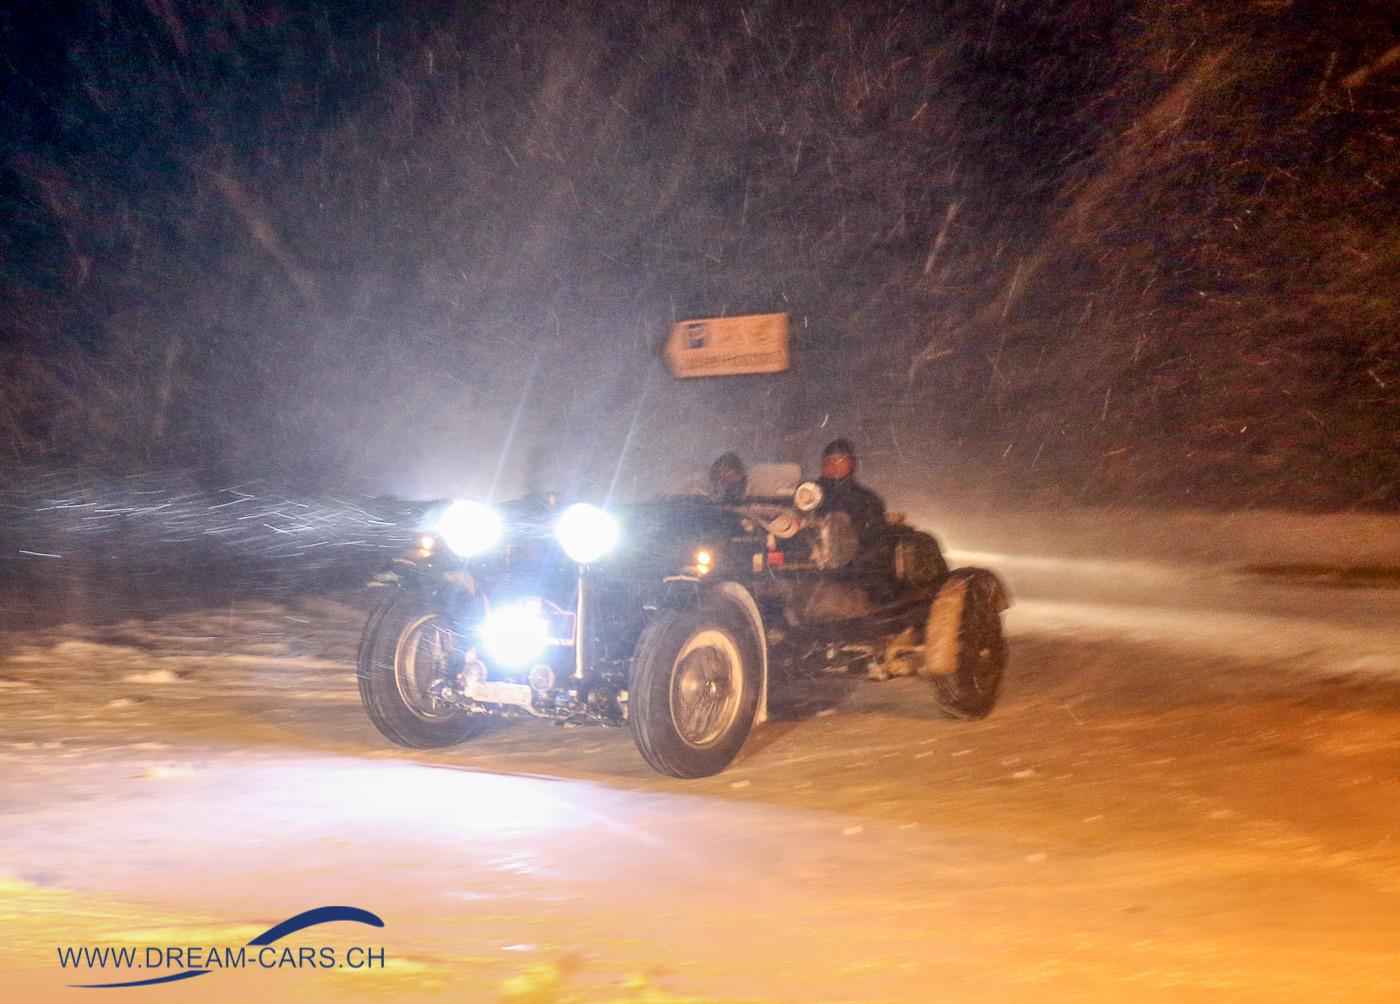 WinterRAID 2018. Der Lagonda M35 Le Mans Rapide mit Louis Frey und Patrick Dätwyler beim Eintreffen auf dem Julier